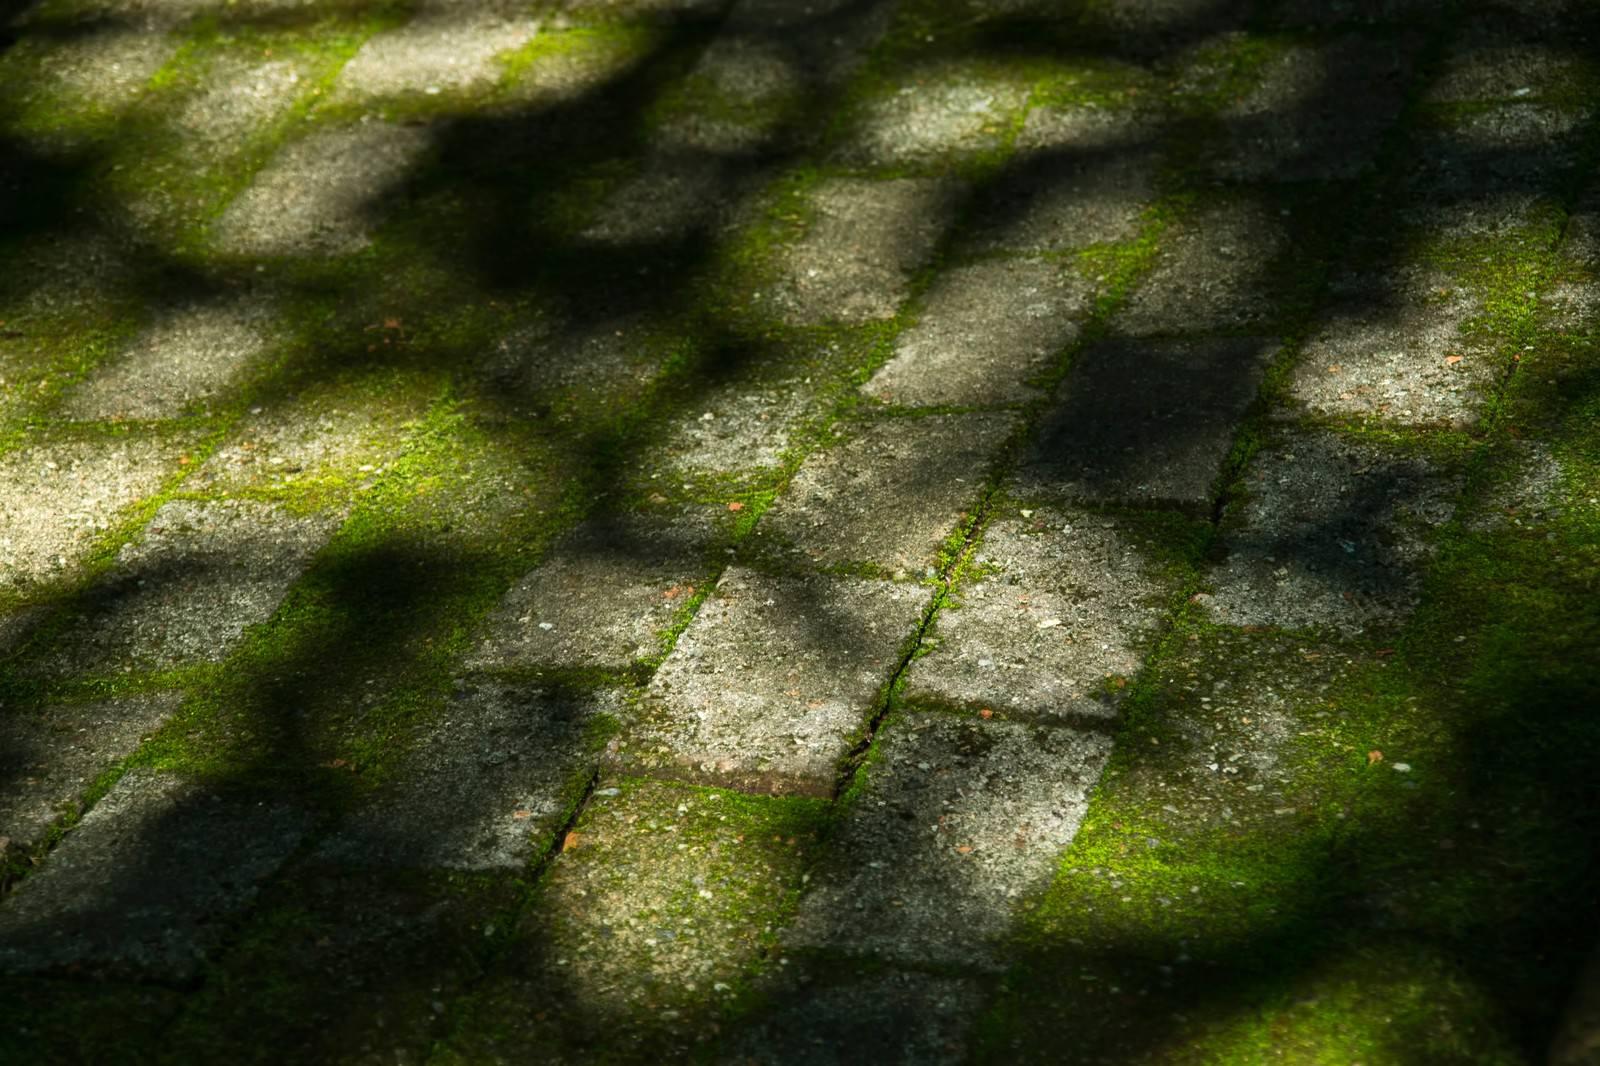 「コケのあるブロックと木漏れ日の影コケのあるブロックと木漏れ日の影」のフリー写真素材を拡大